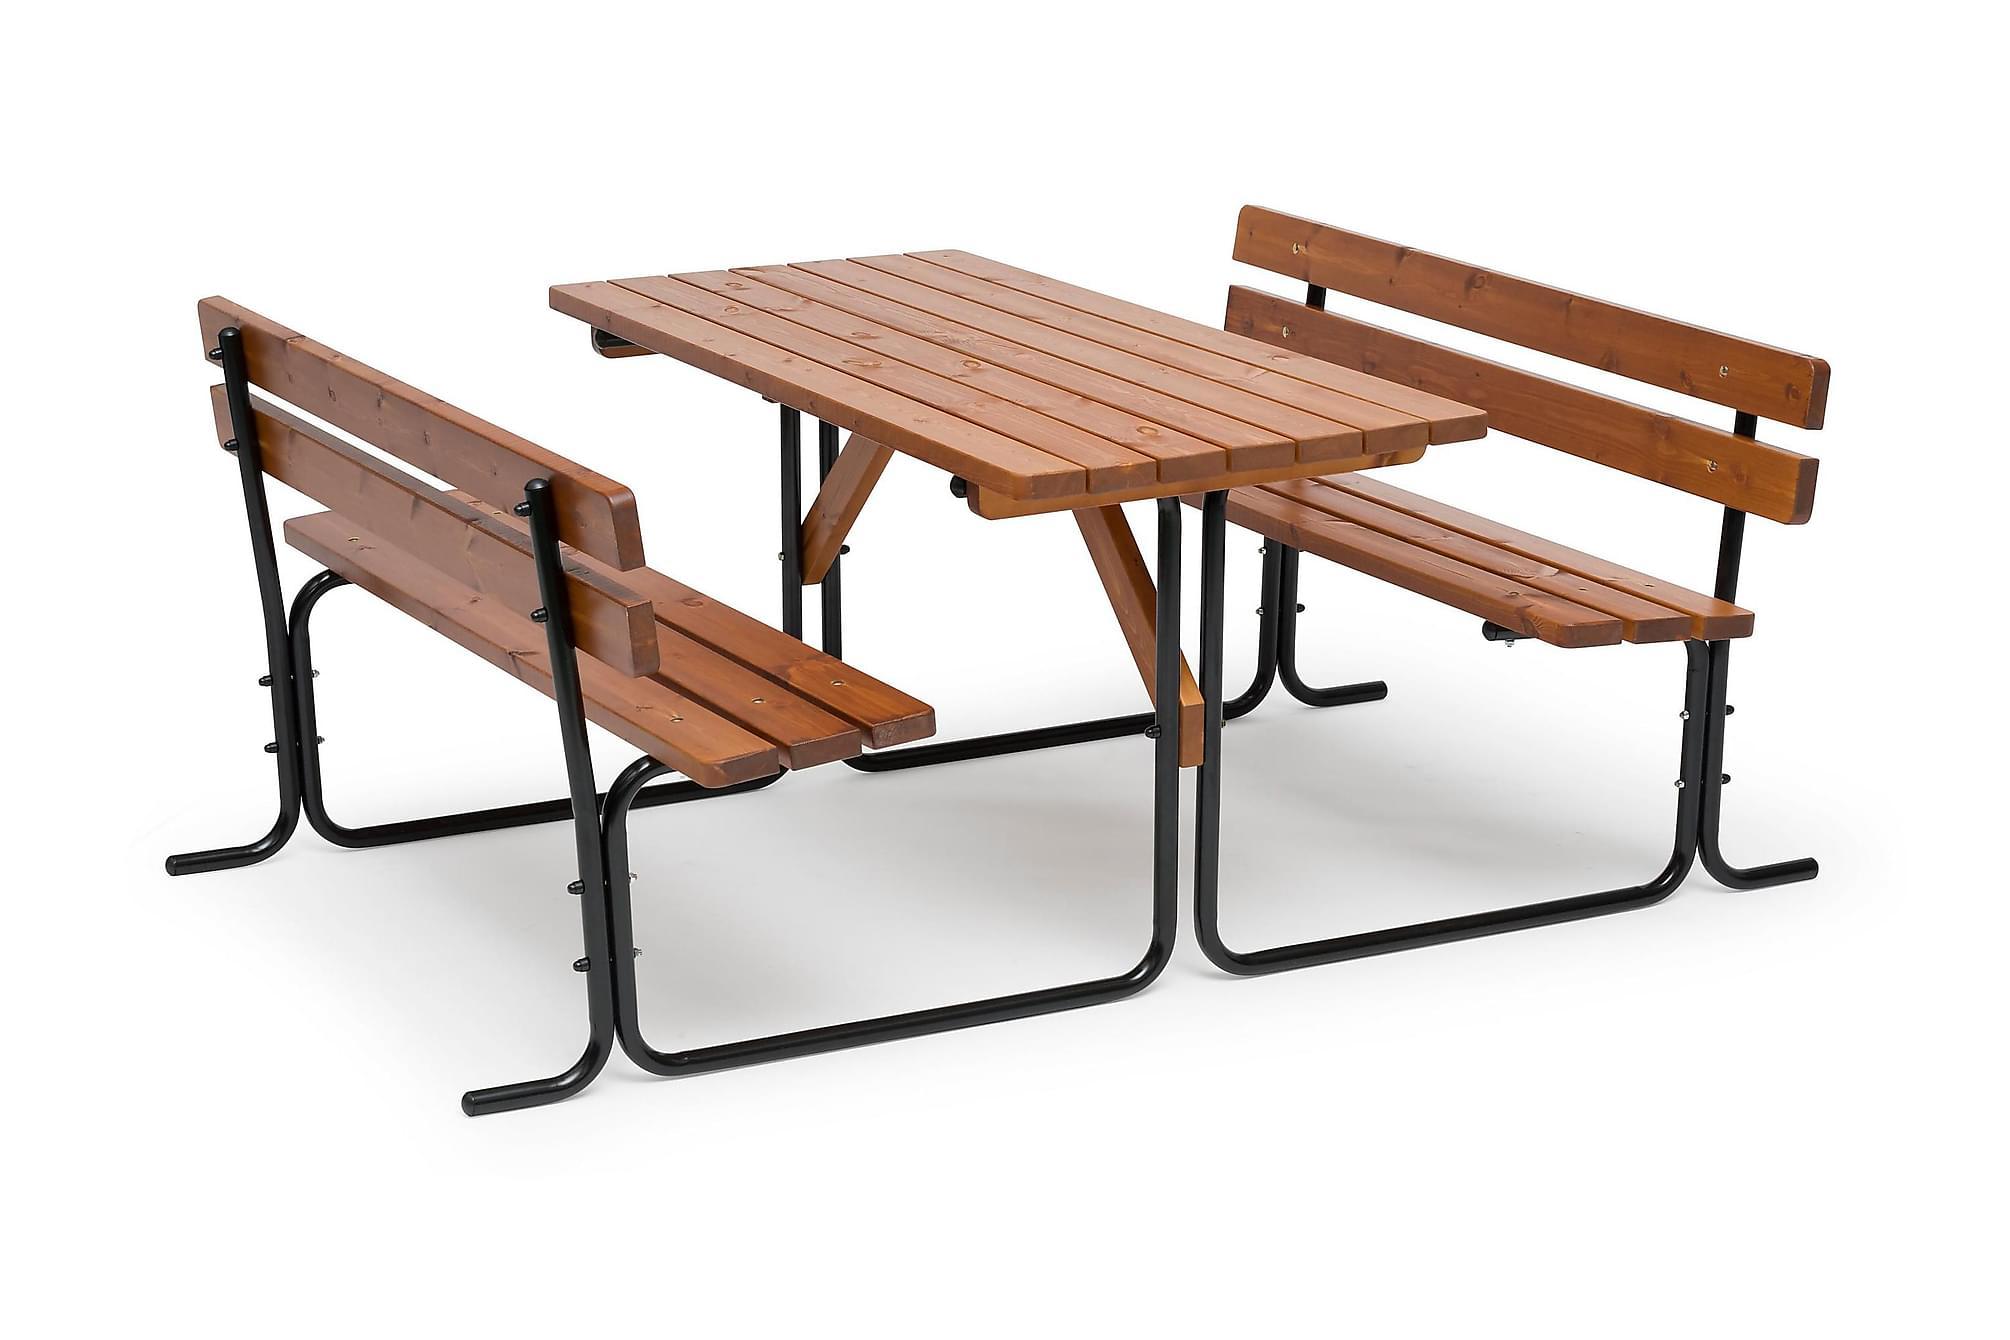 PICNIC Bord Stålrör 70x150 Brun, Picknickbord